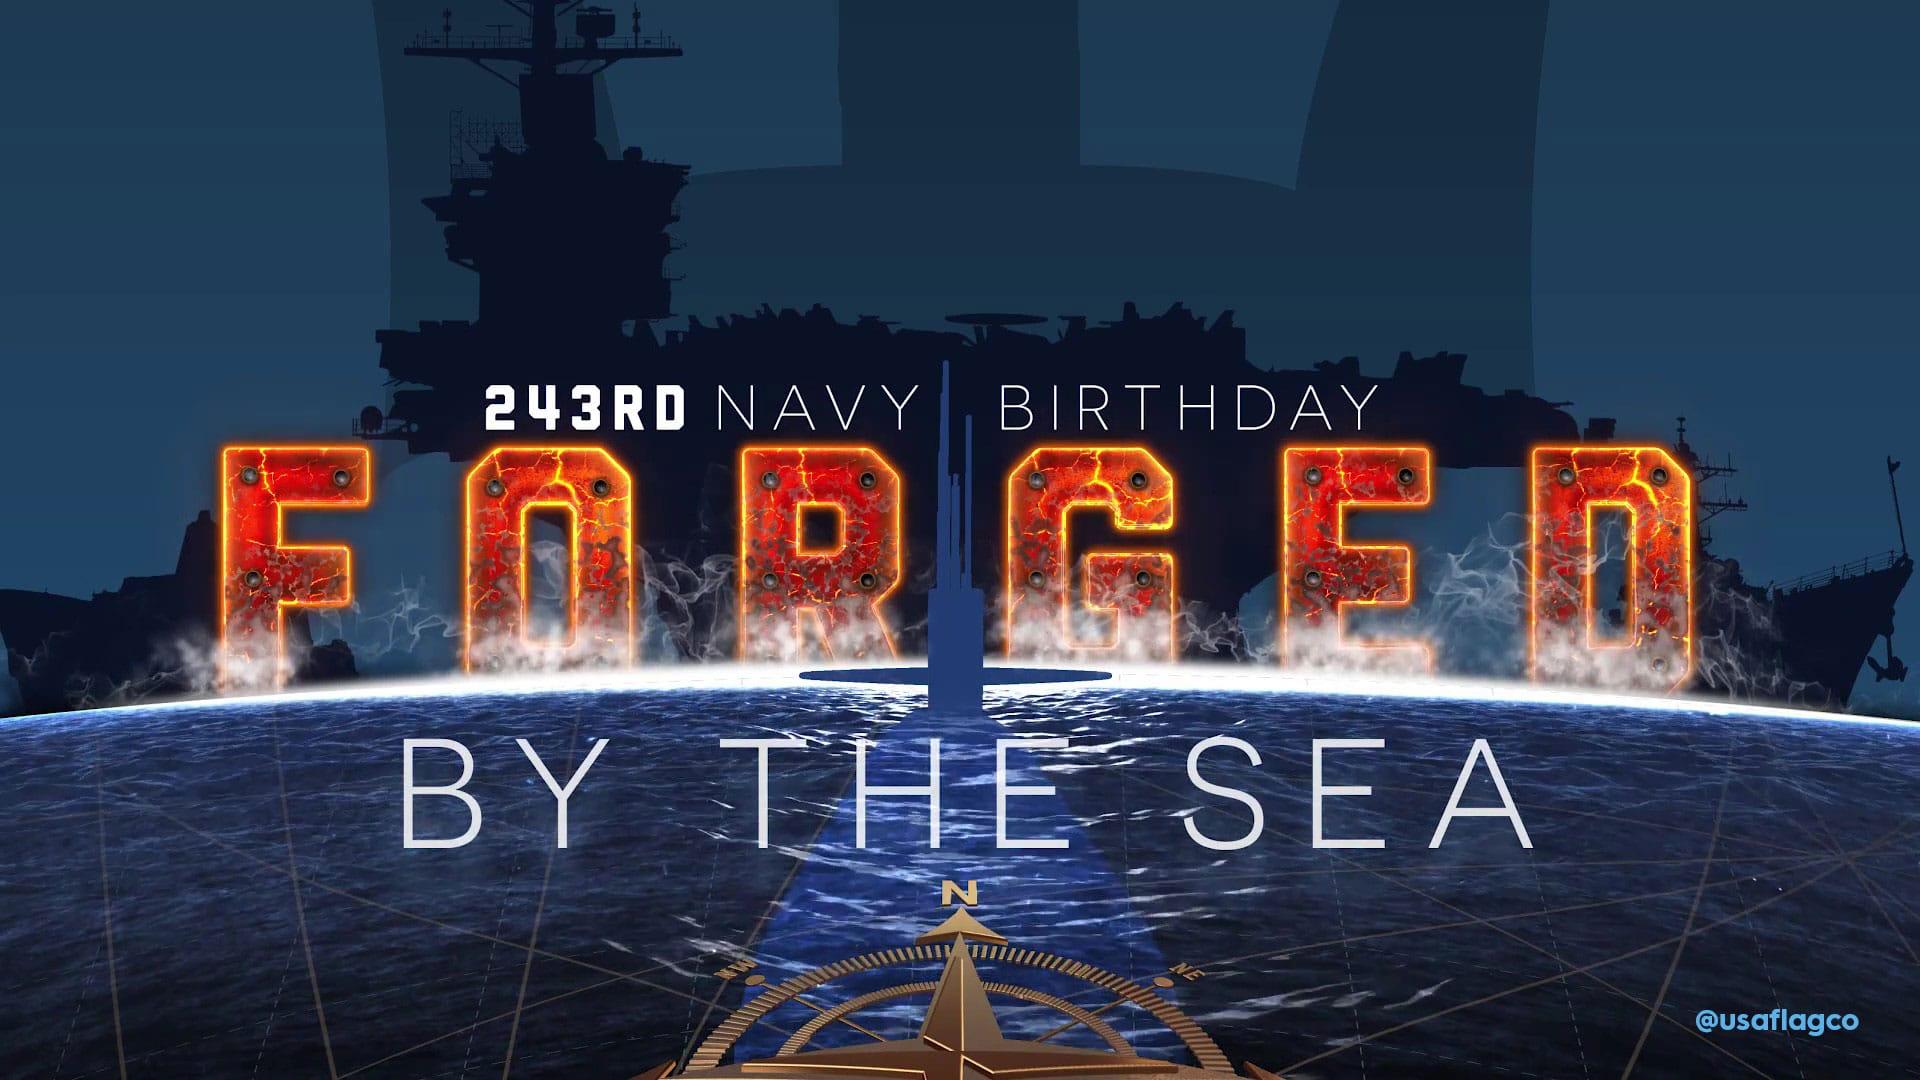 Happy 243rd Birthday, US Navy!